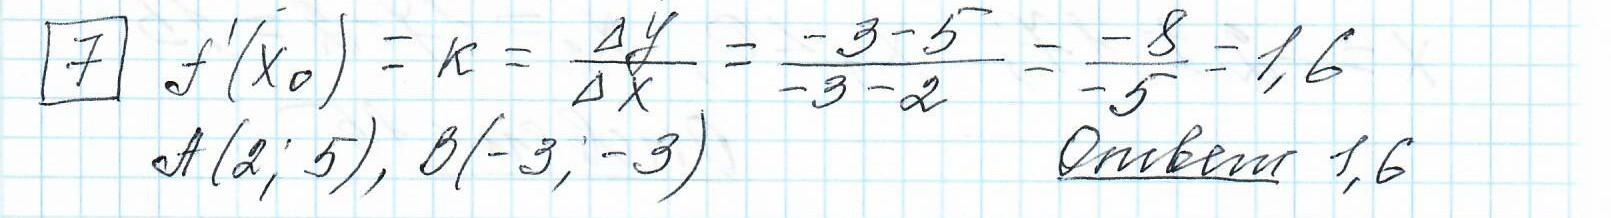 Задние 7, Вариант 8, решение и ответ - Ященко ЕГЭ 2019 математика профиль 36 вариантов